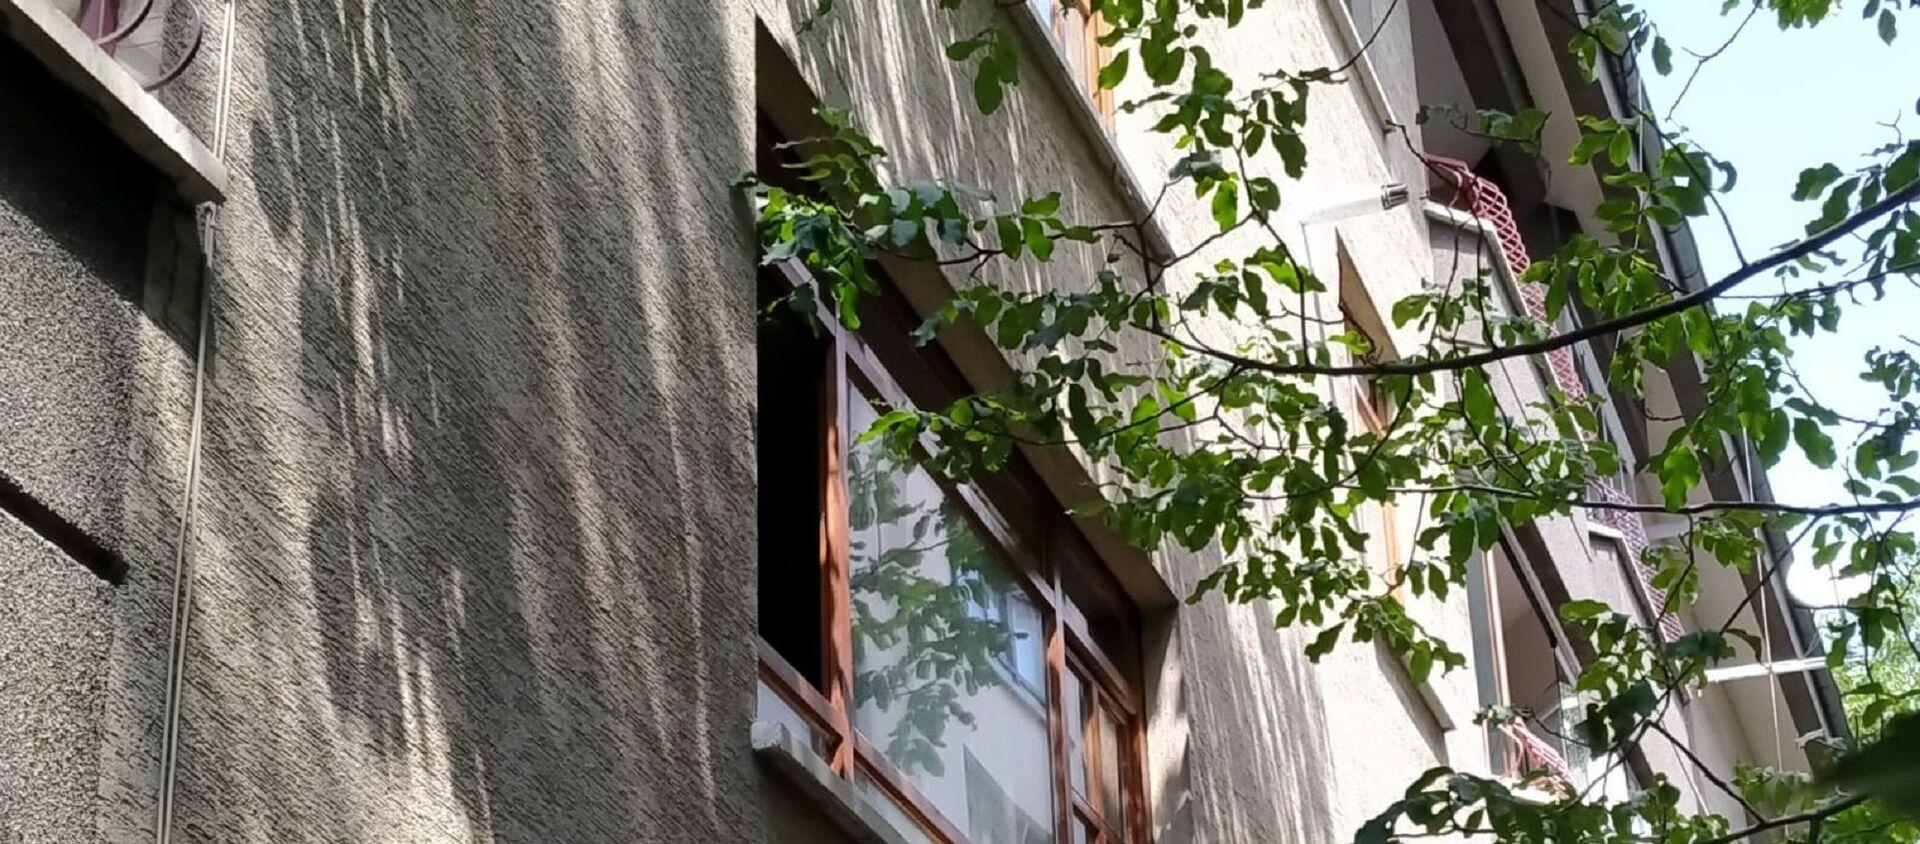 Kanseri hastası eşi Hamiyet Yıldırım'ı  kravatla boğduktan sonra tabanca ile yaşamına son veren Mehmet Yıldırım'ın evi - Sputnik Türkiye, 1920, 26.07.2021